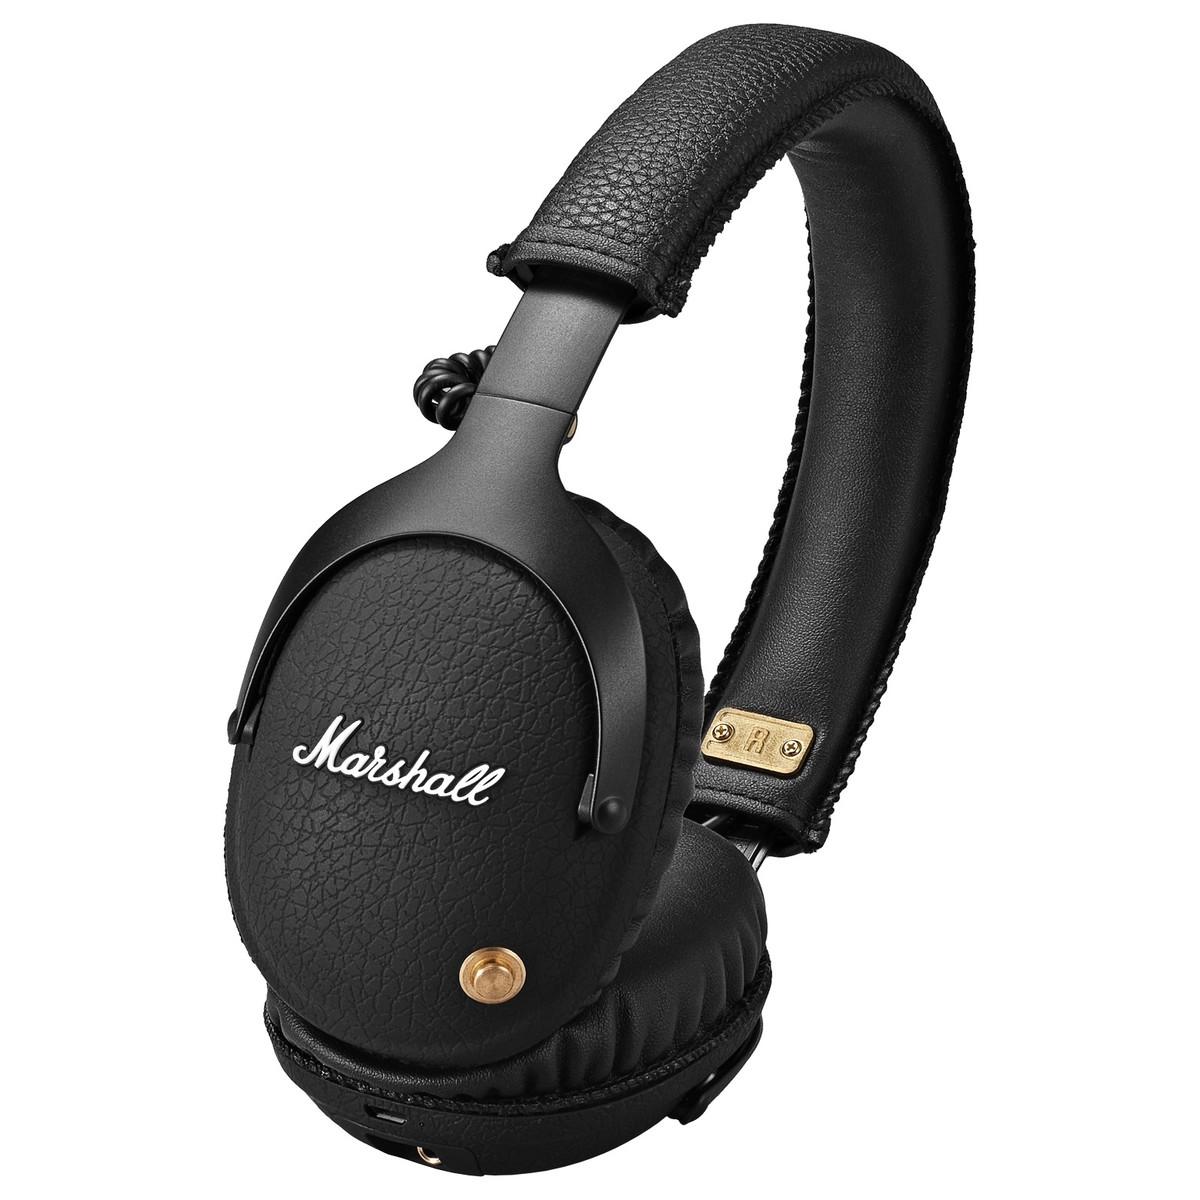 Marshall Headphones –